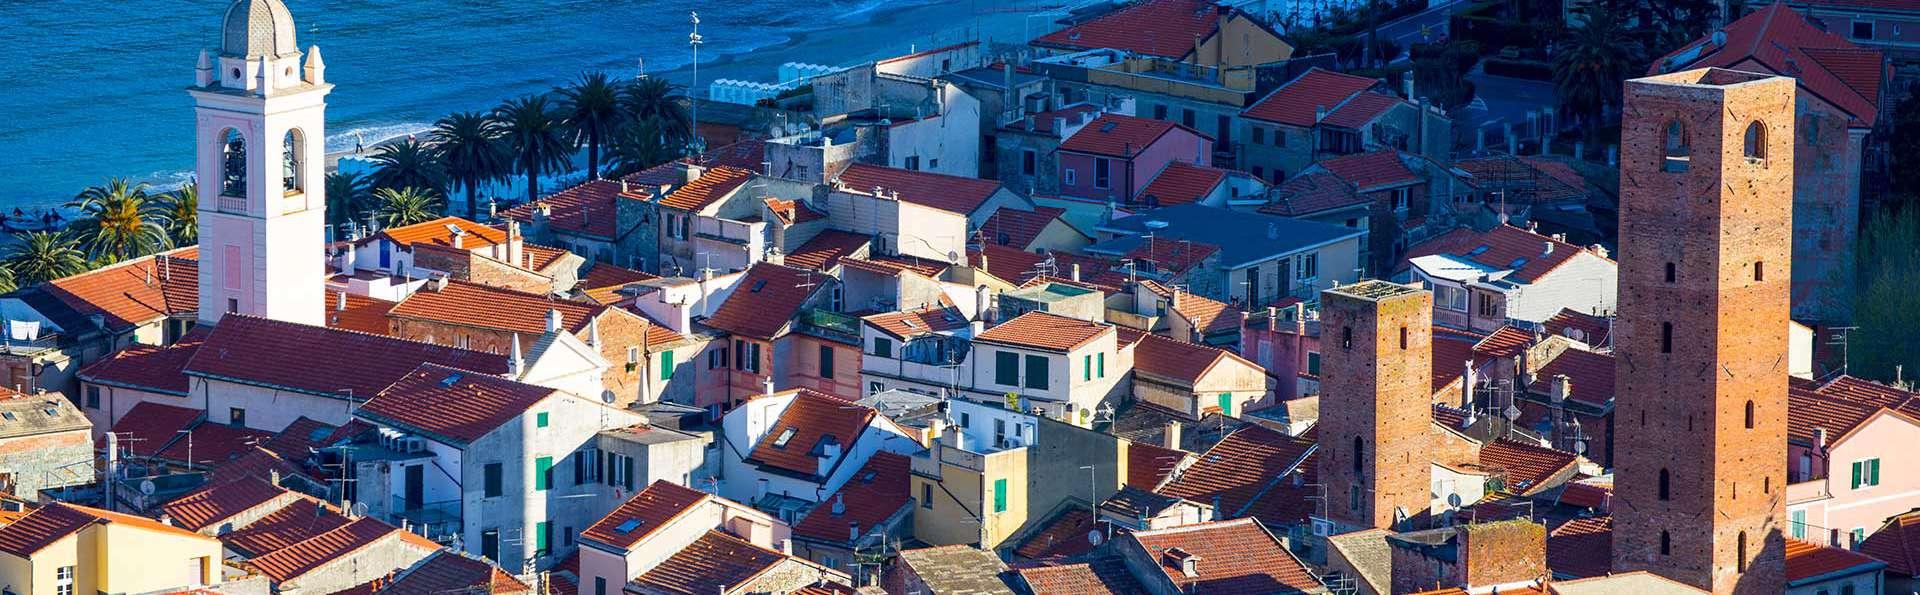 Pausa in riva al mare a Savona